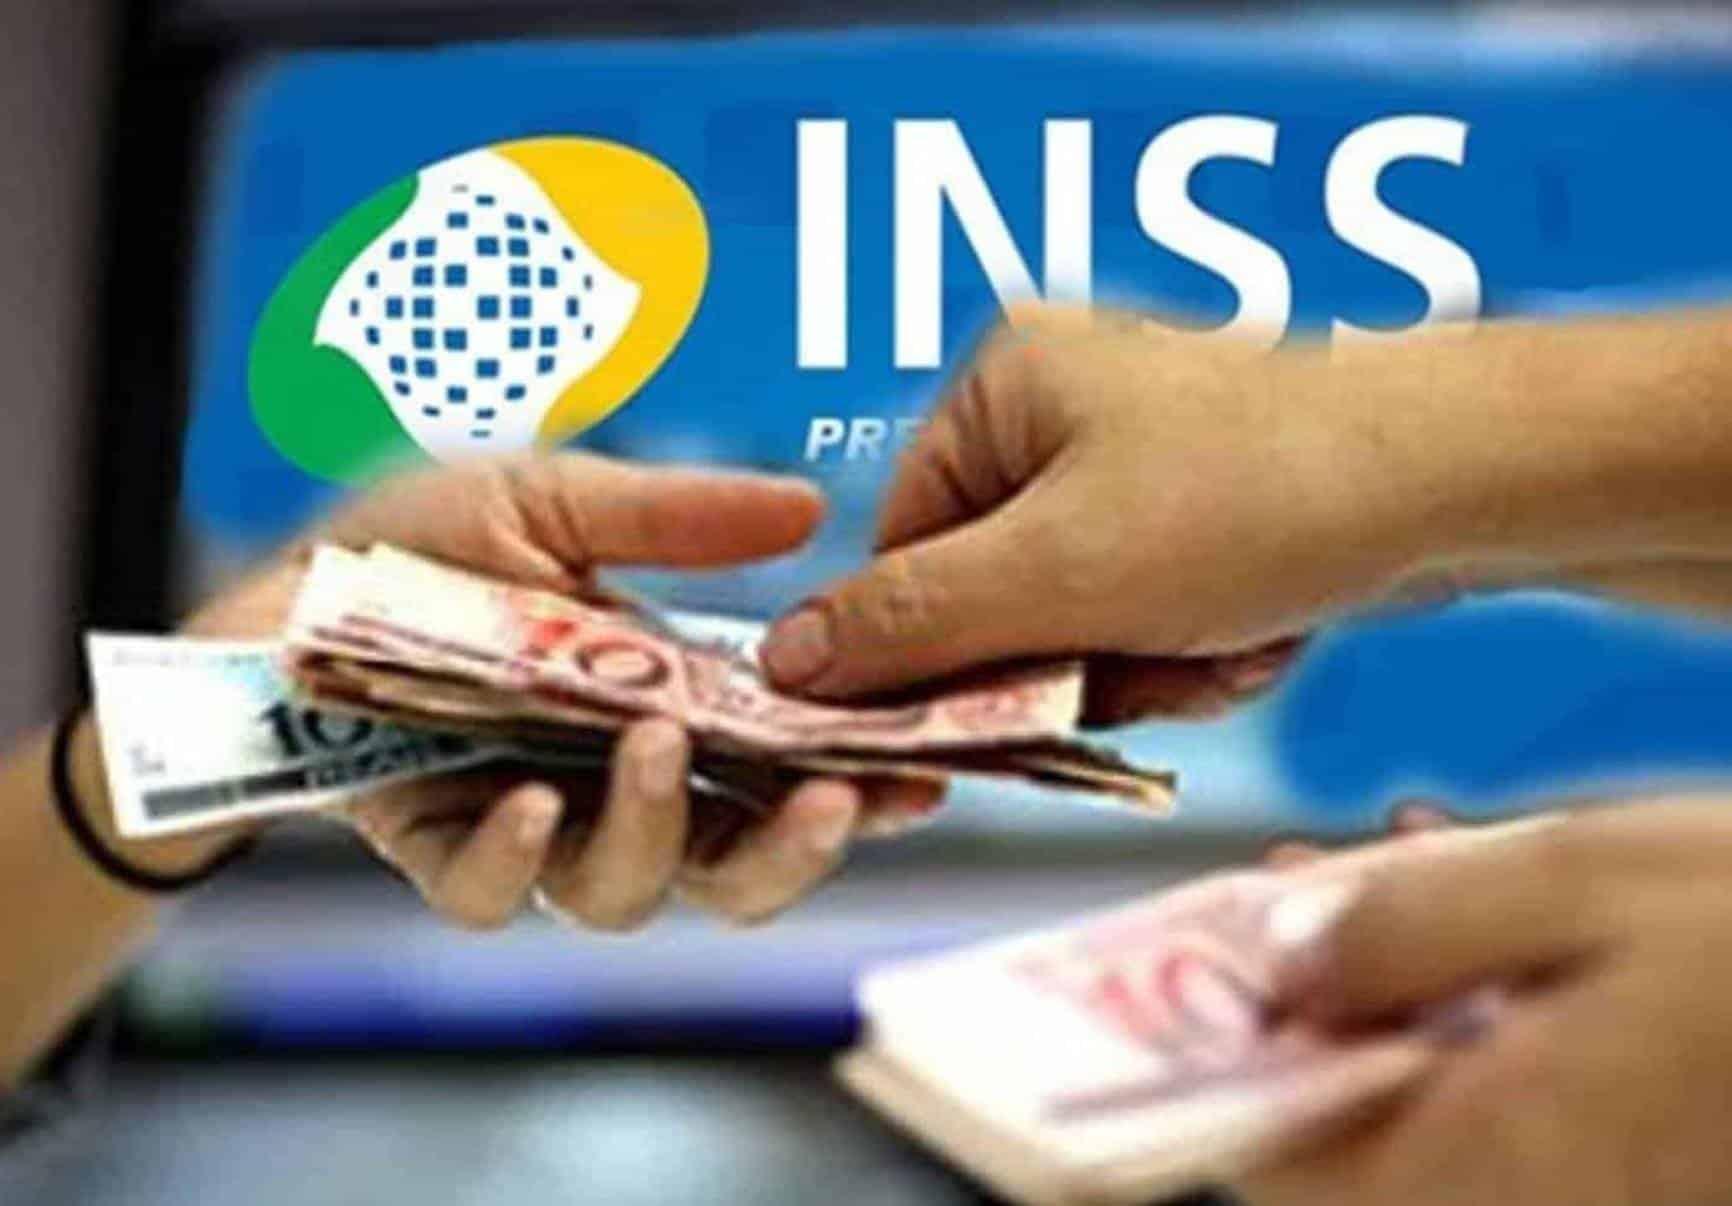 Décimo quarto (14º) de aposentados e pensionistas do INSS será decidido pelo governo